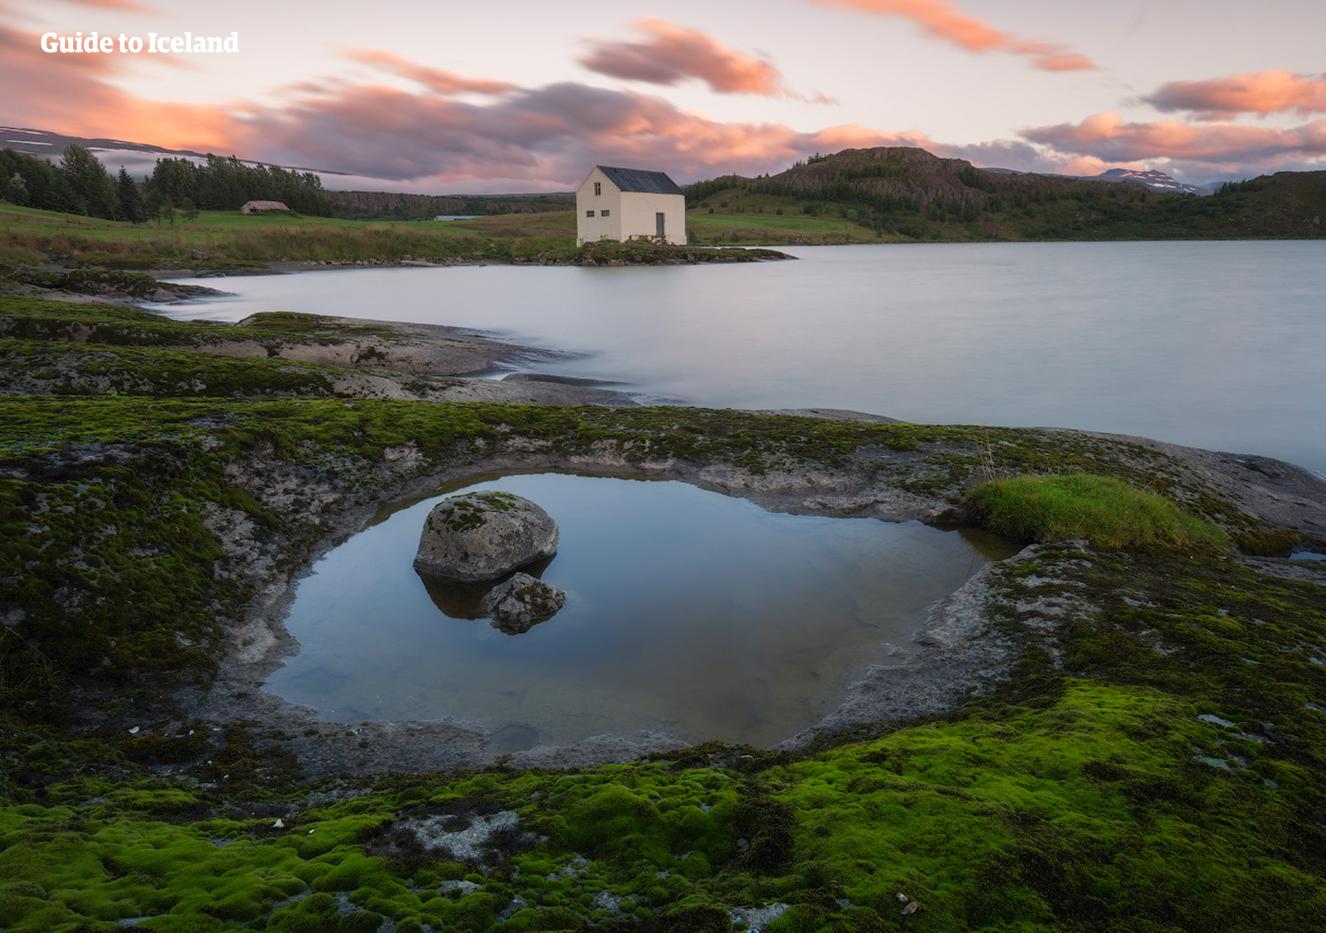 El lago Lagarfljót se encuentra en los fiordos orientales de Islandia, cerca de la ciudad de Egilsstaðir.